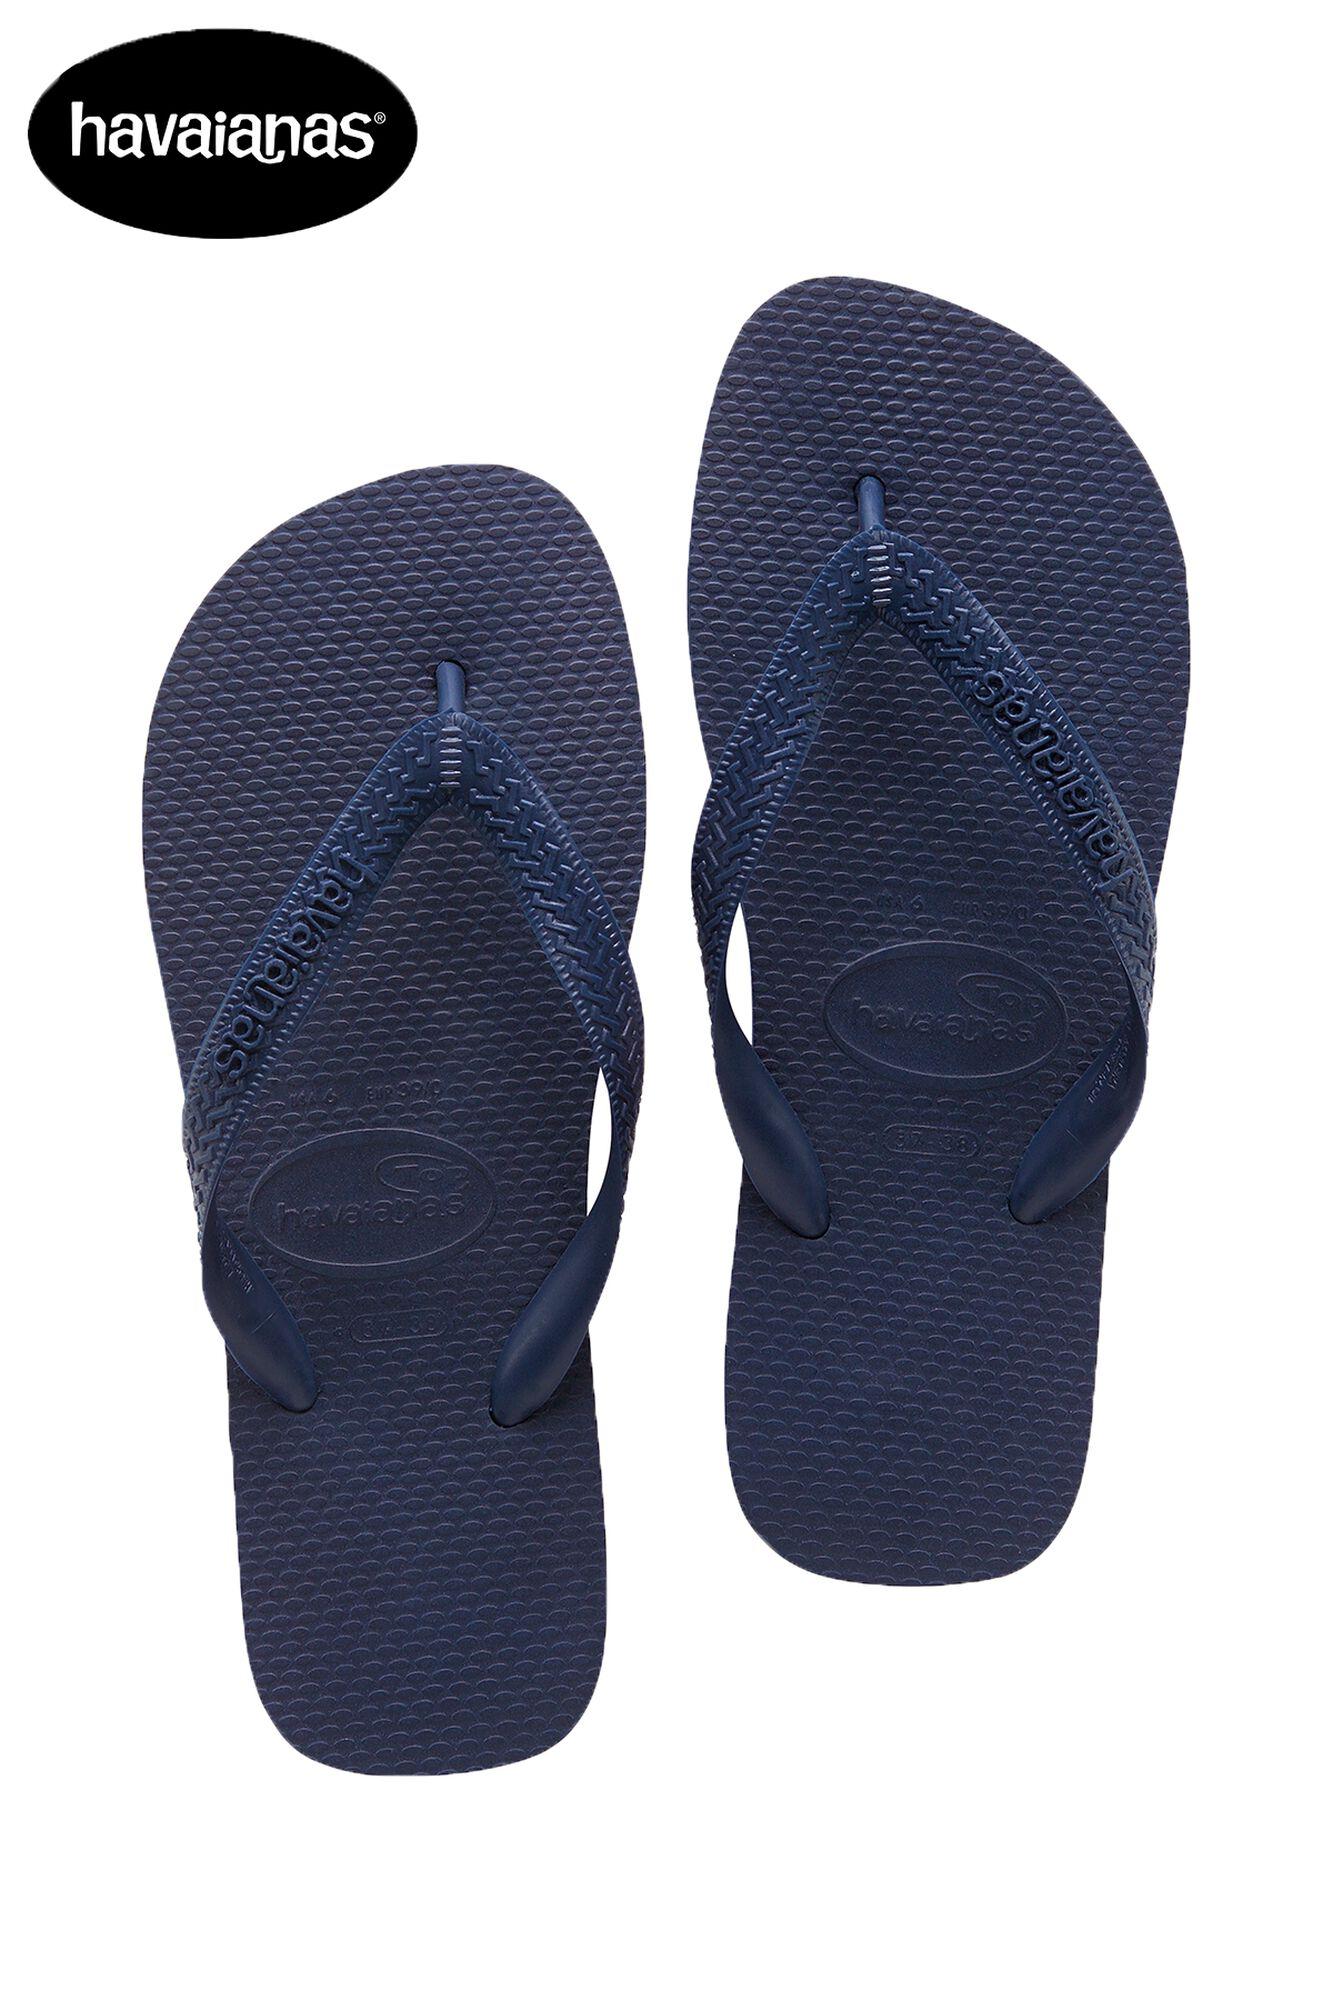 reputable site 1bba4 c38b0 Men Havaianas Top flipflops Blue Buy Online